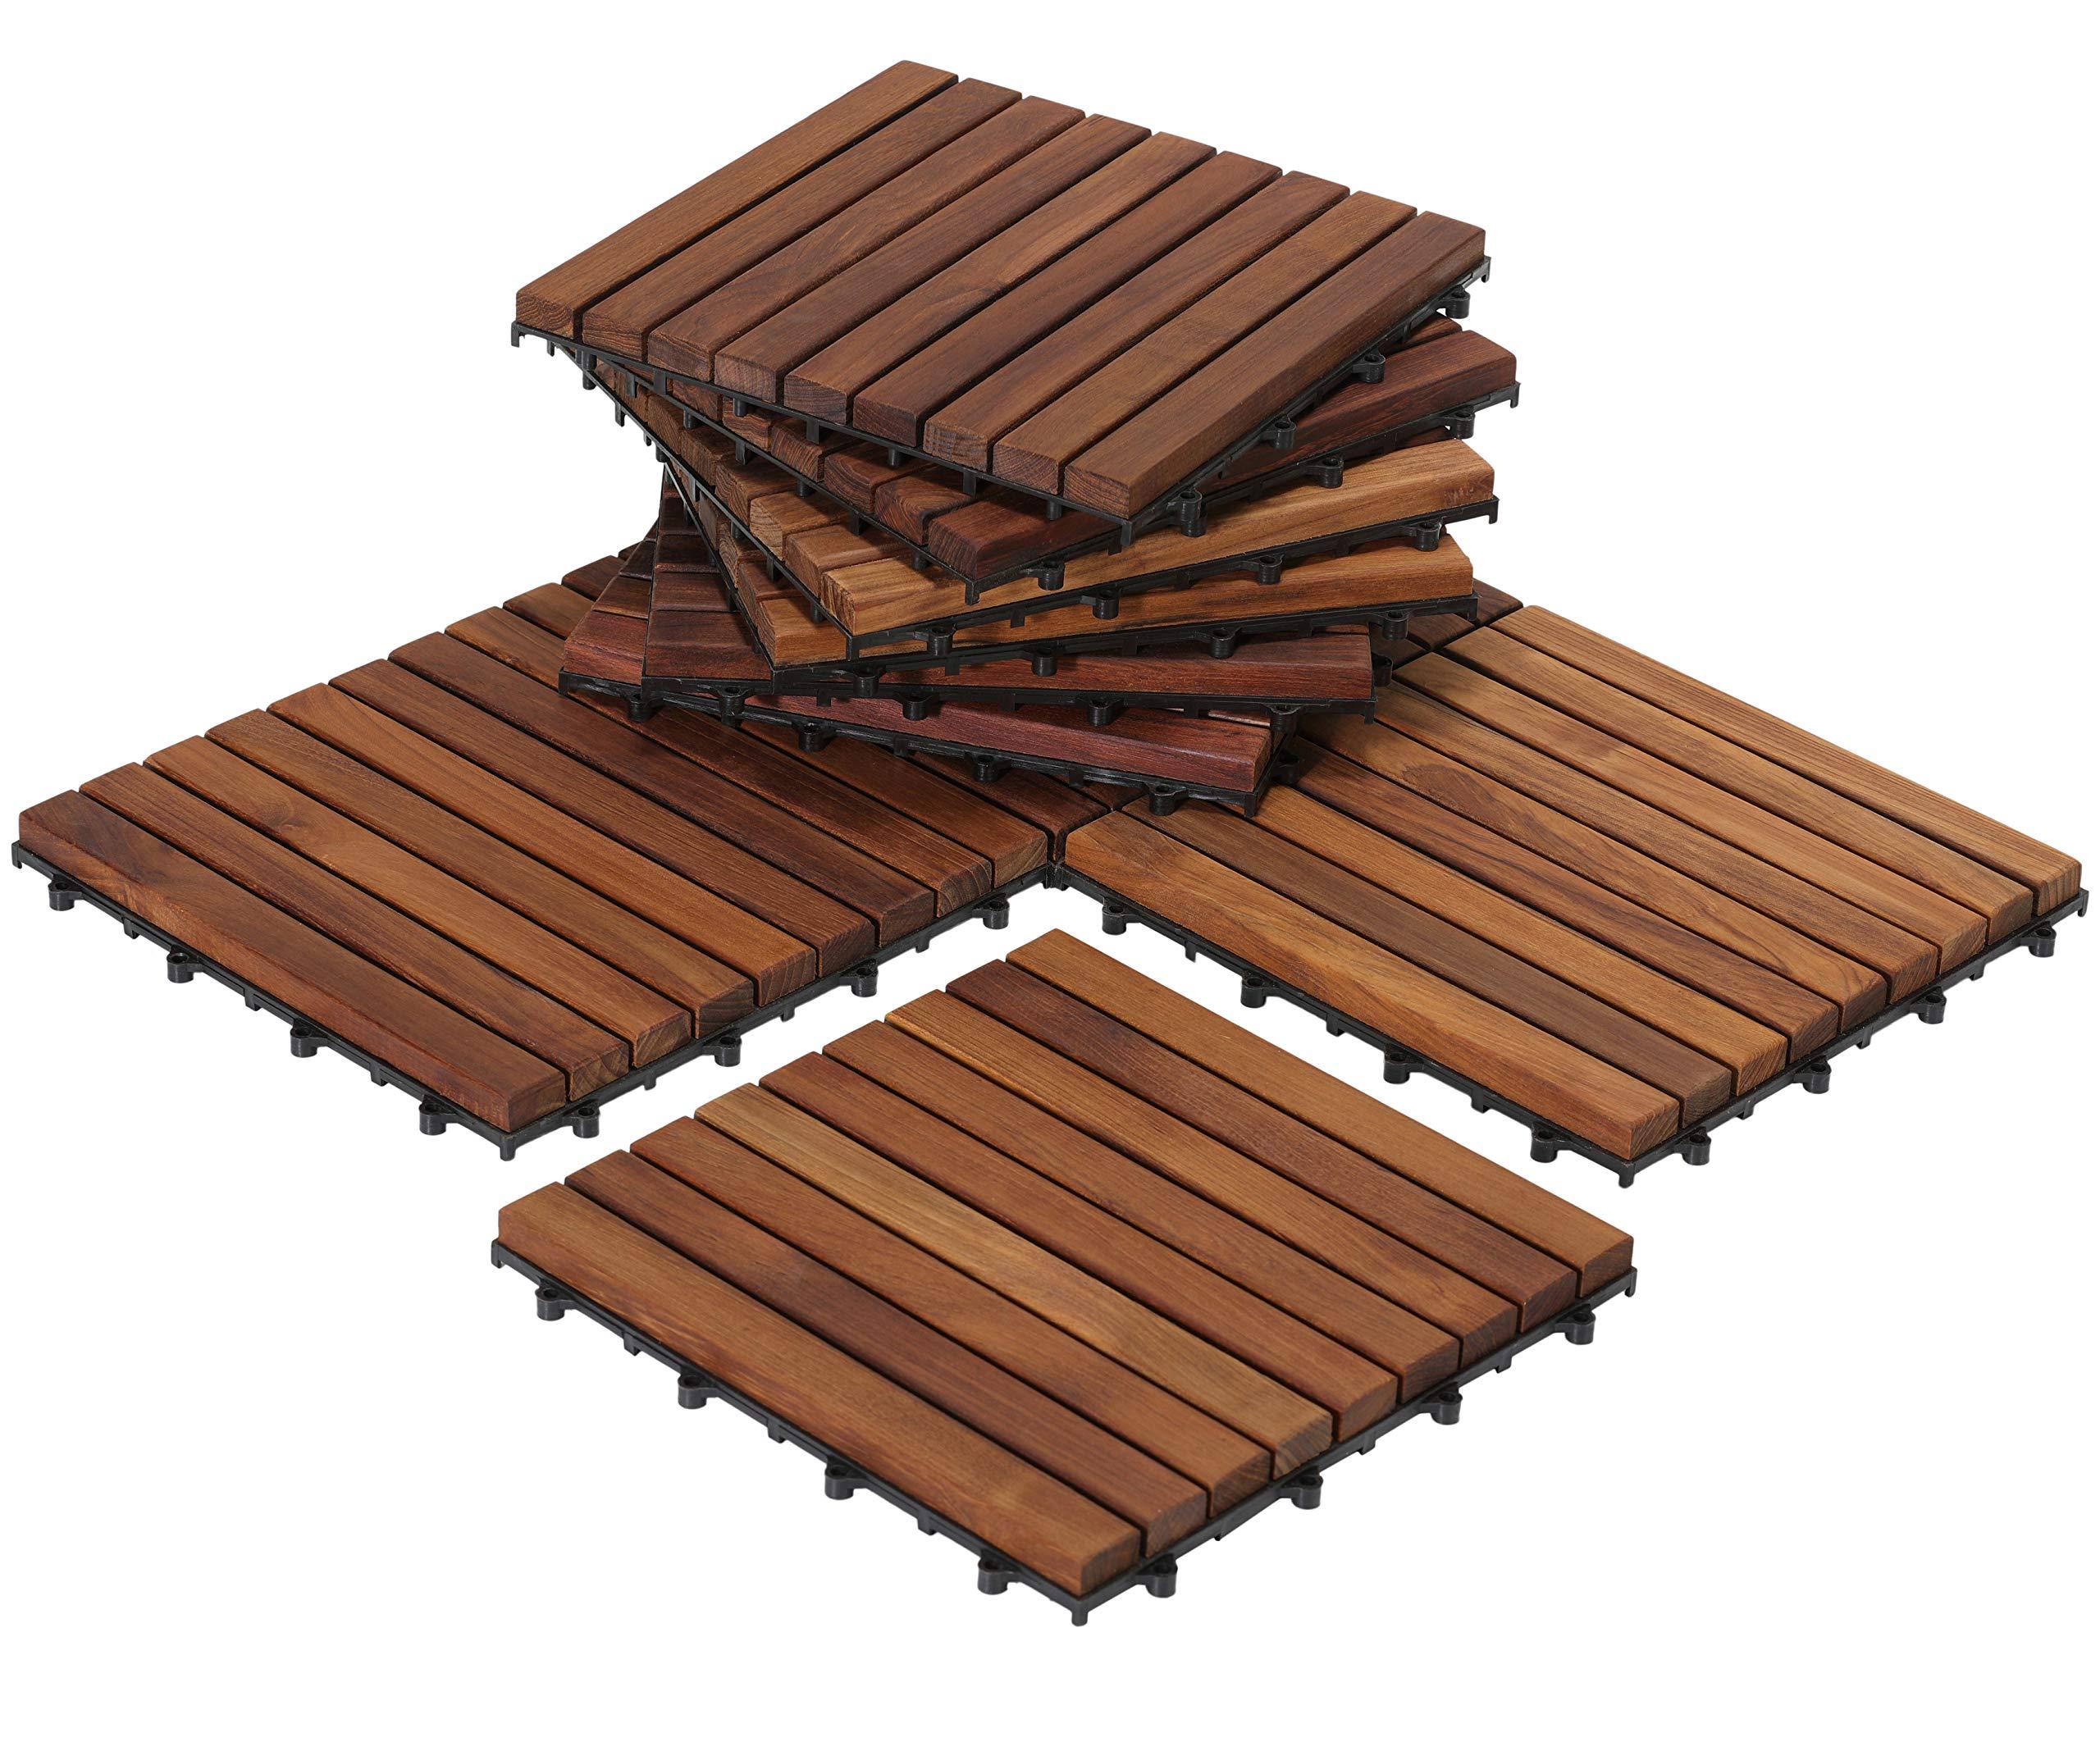 Bare Decor EZ-Floor Interlocking Flooring Tiles in Solid Teak Wood Oiled Finish (Set of 10), Long 9 Slat by Bare Decor